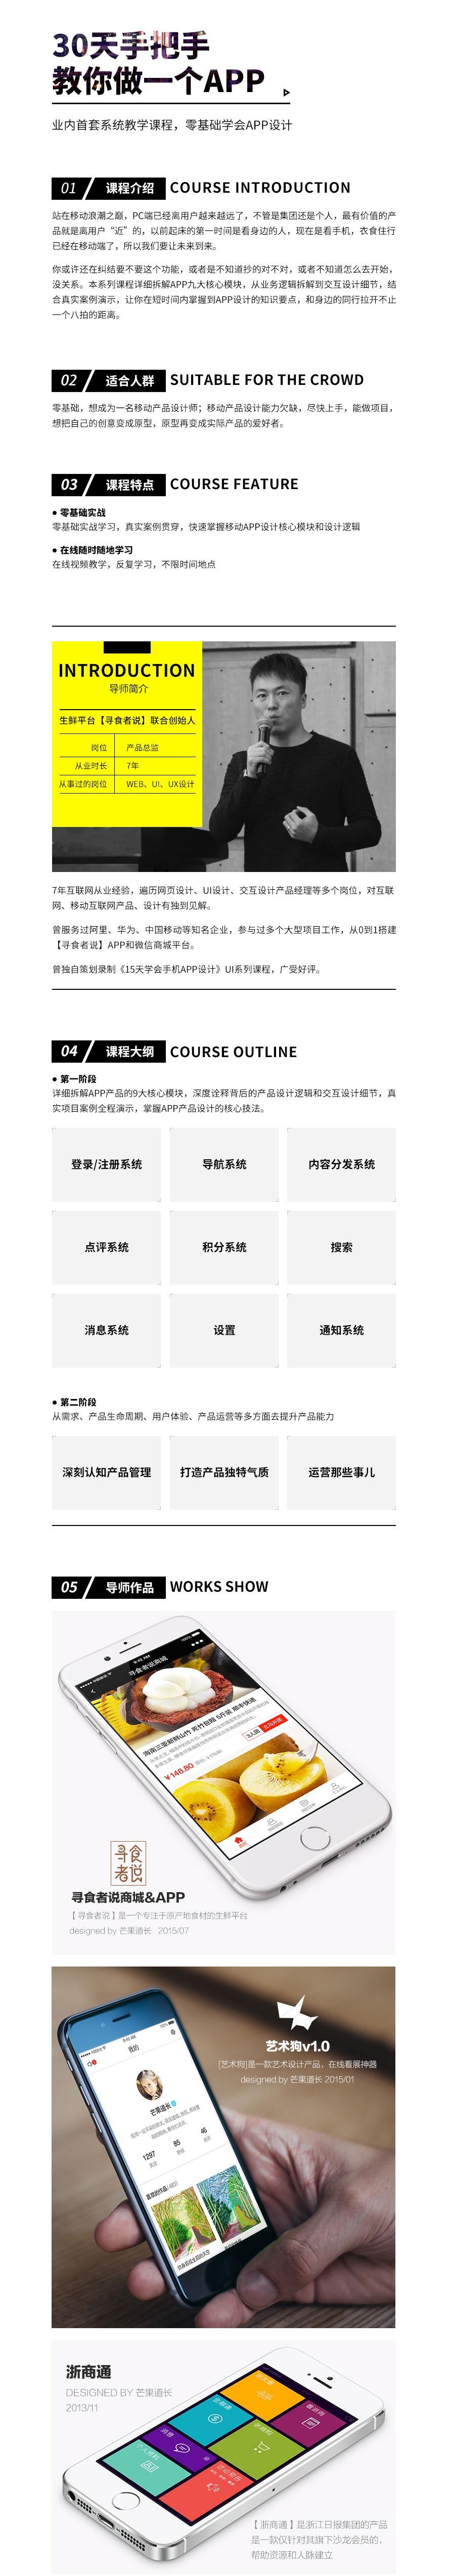 30天app课程详情.jpg